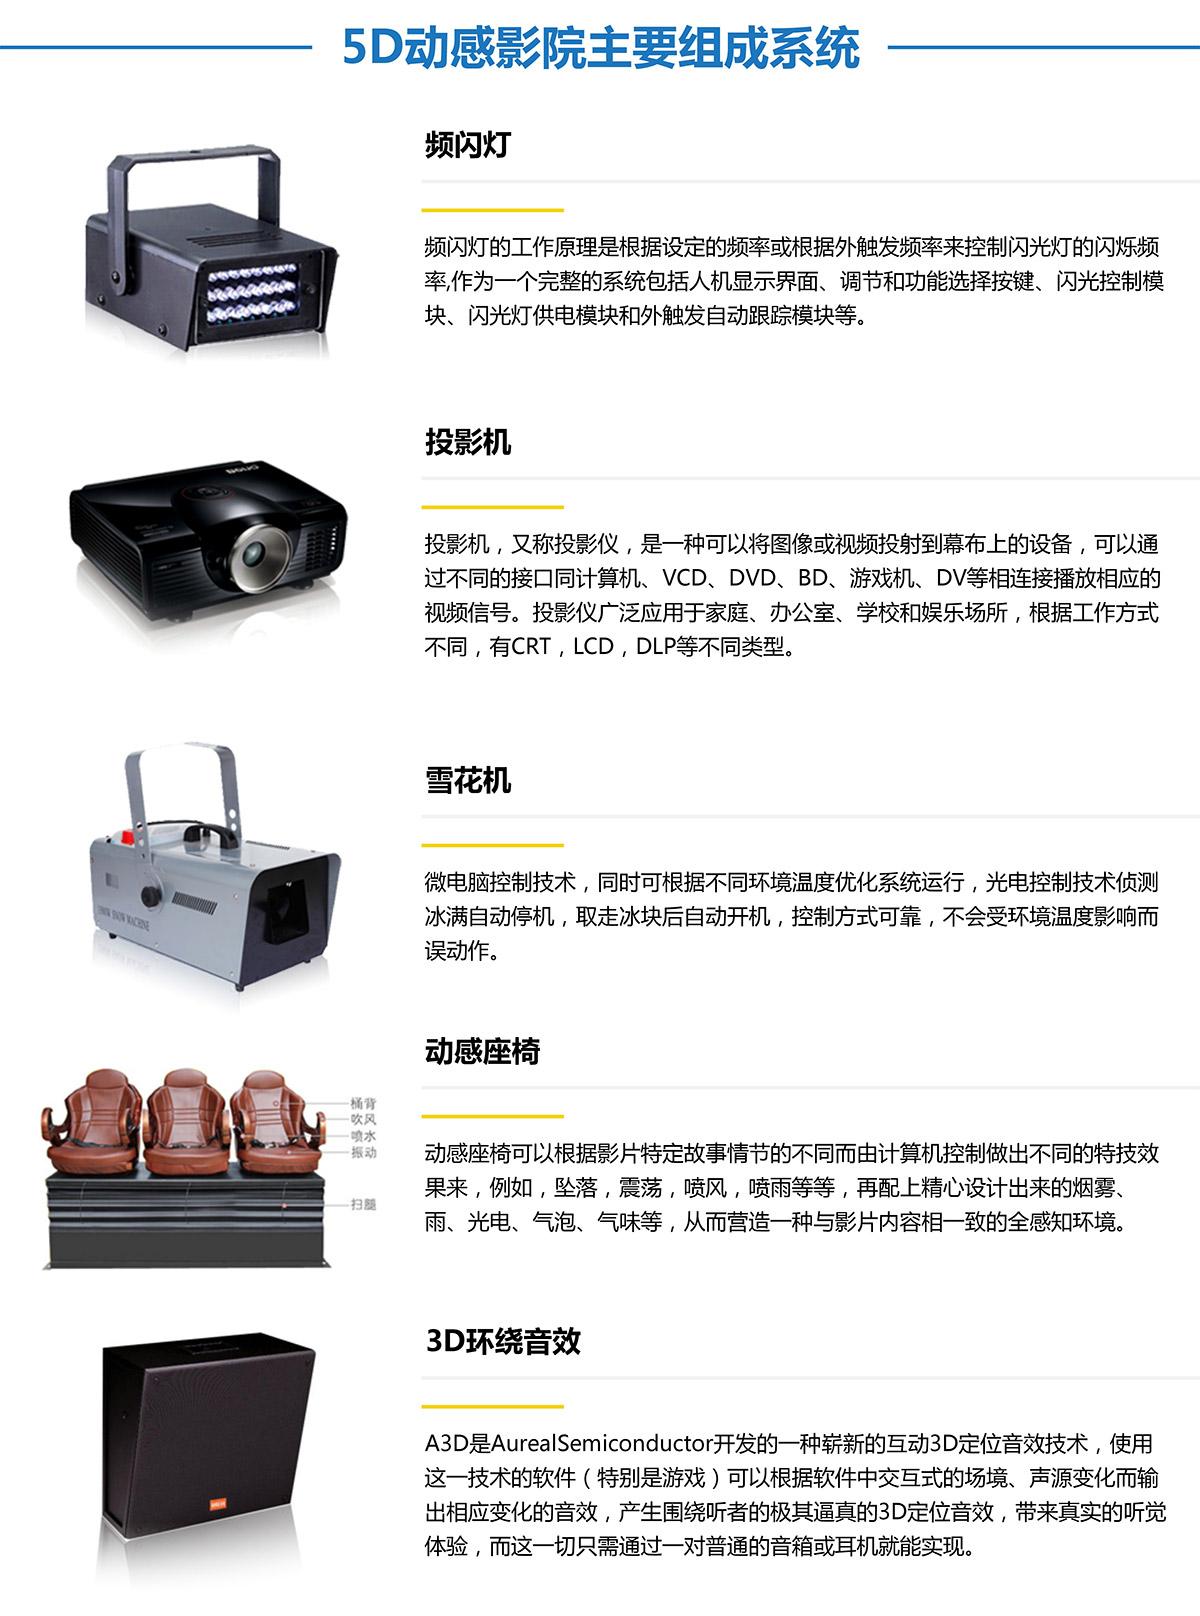 安全体验5D动感影院主要组成系统.jpg